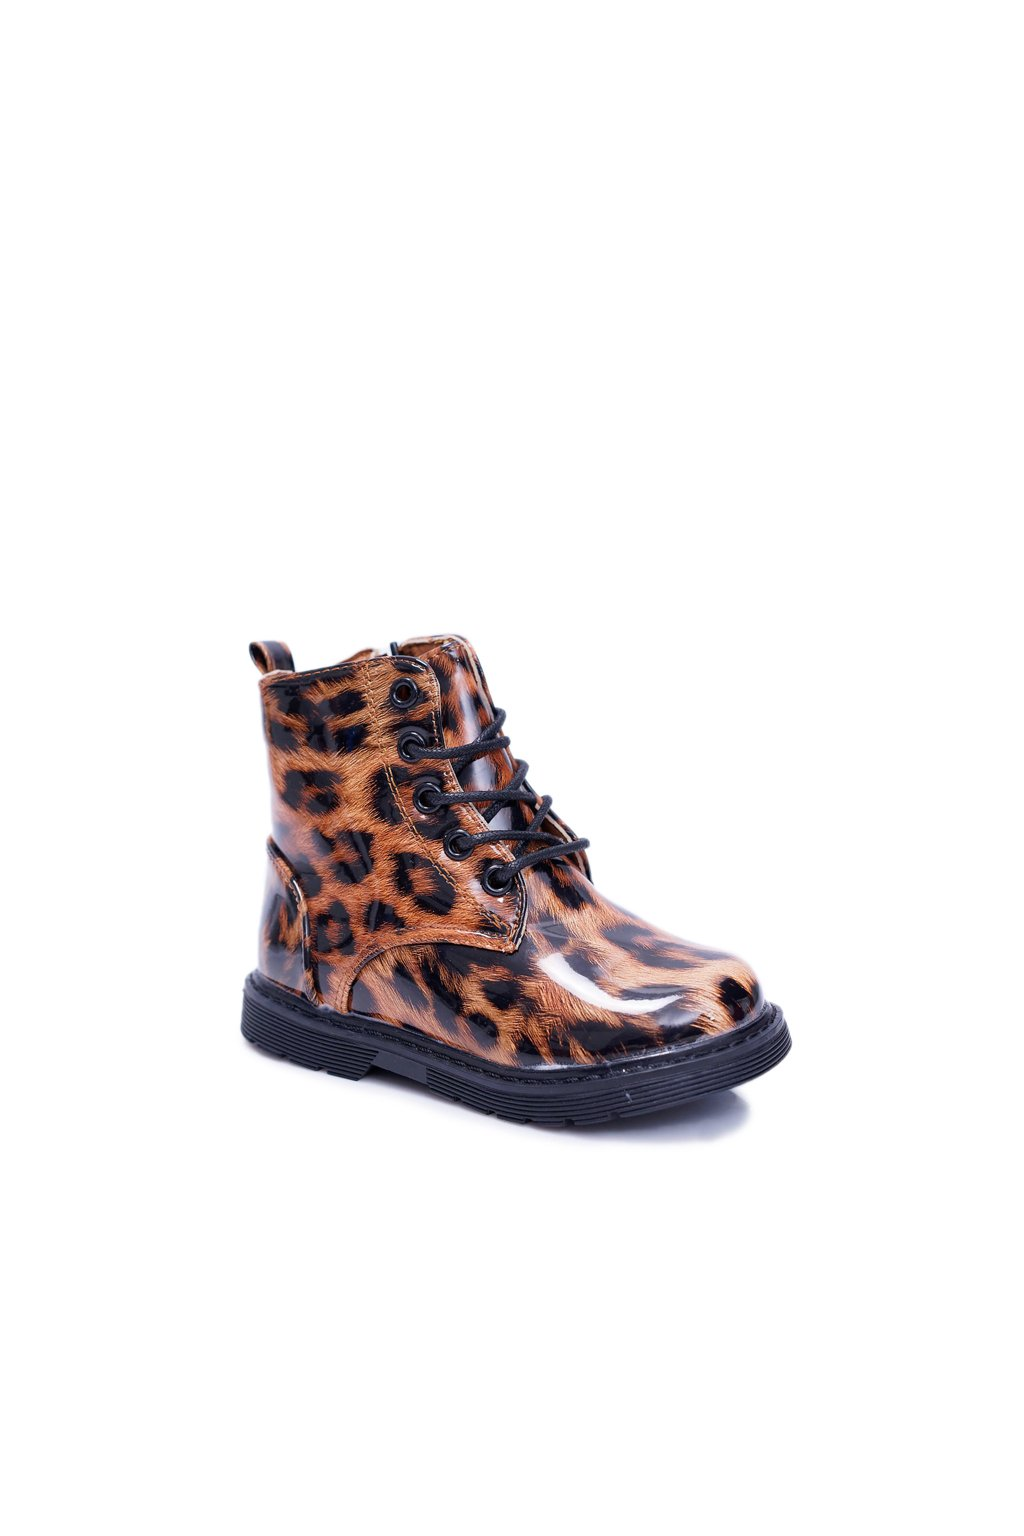 Detské topánky Dievčenské Chlapčenské Obuv Teplé Leopard Darsin